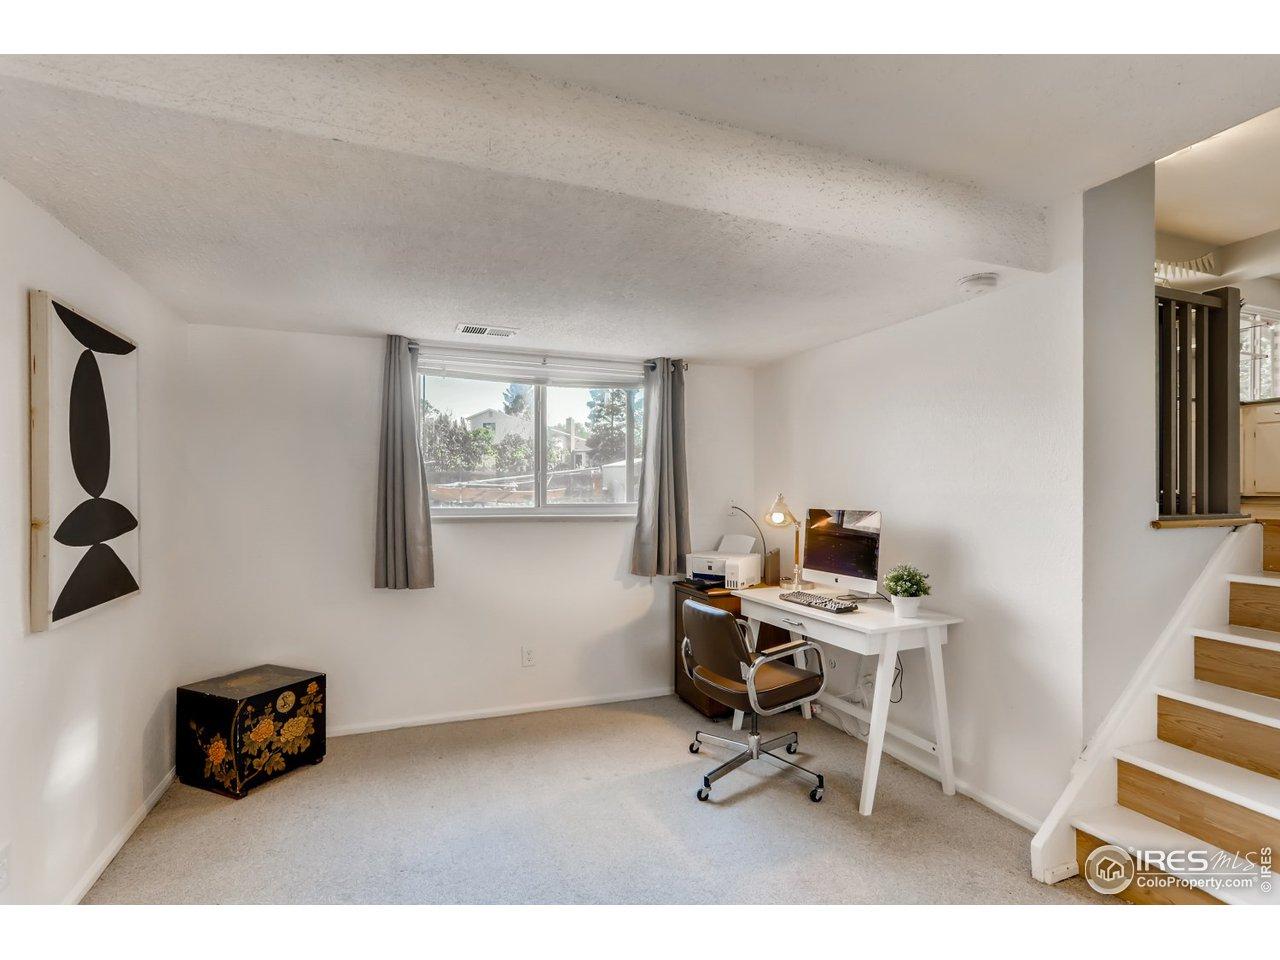 Bedroom 3/Upper